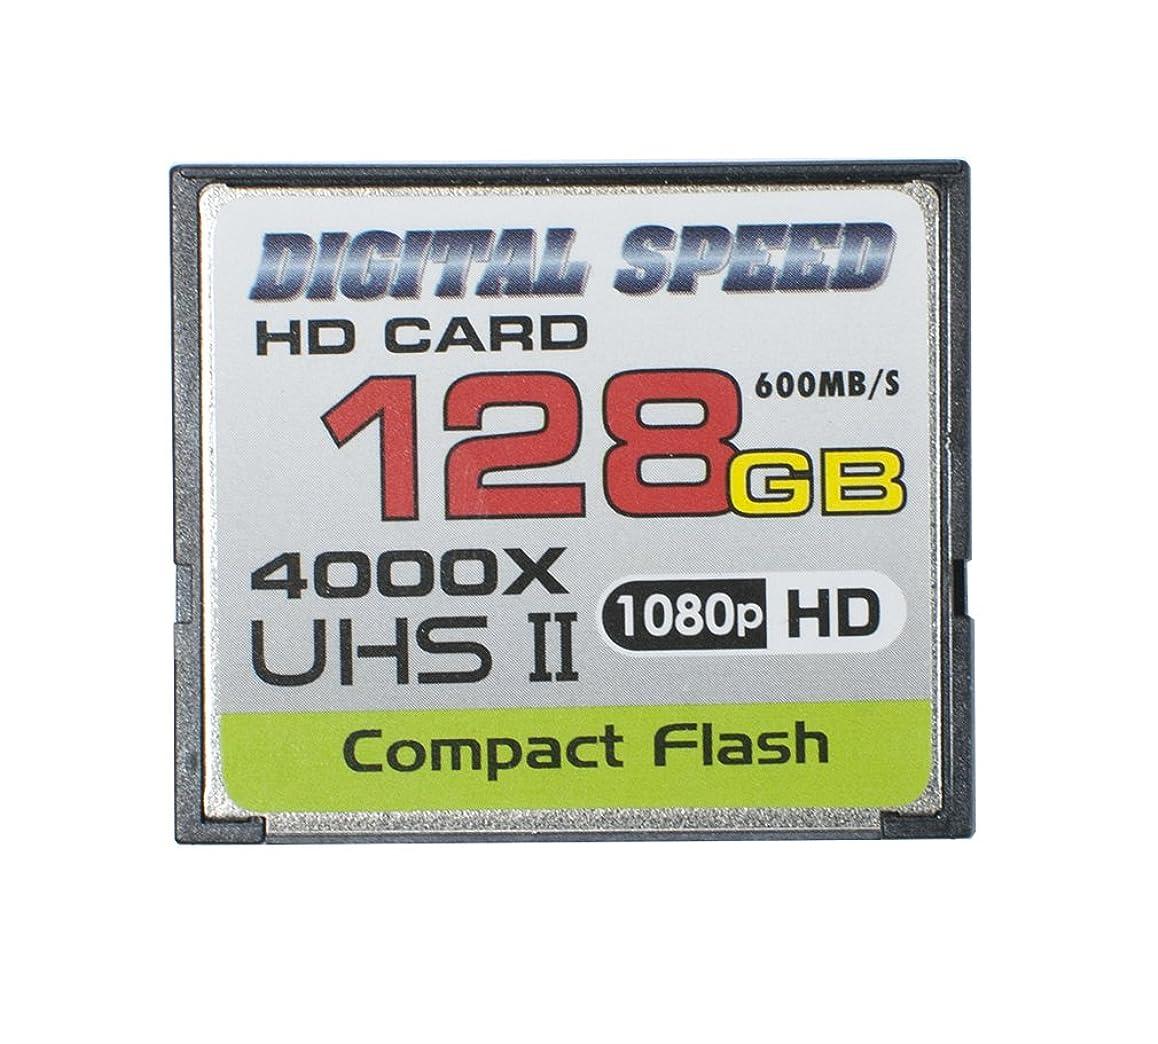 要塞邪魔ゴシップデジタル速度4000?x 128?GB Professional High Speed Mach III 600?MB / sエラーフリーCF